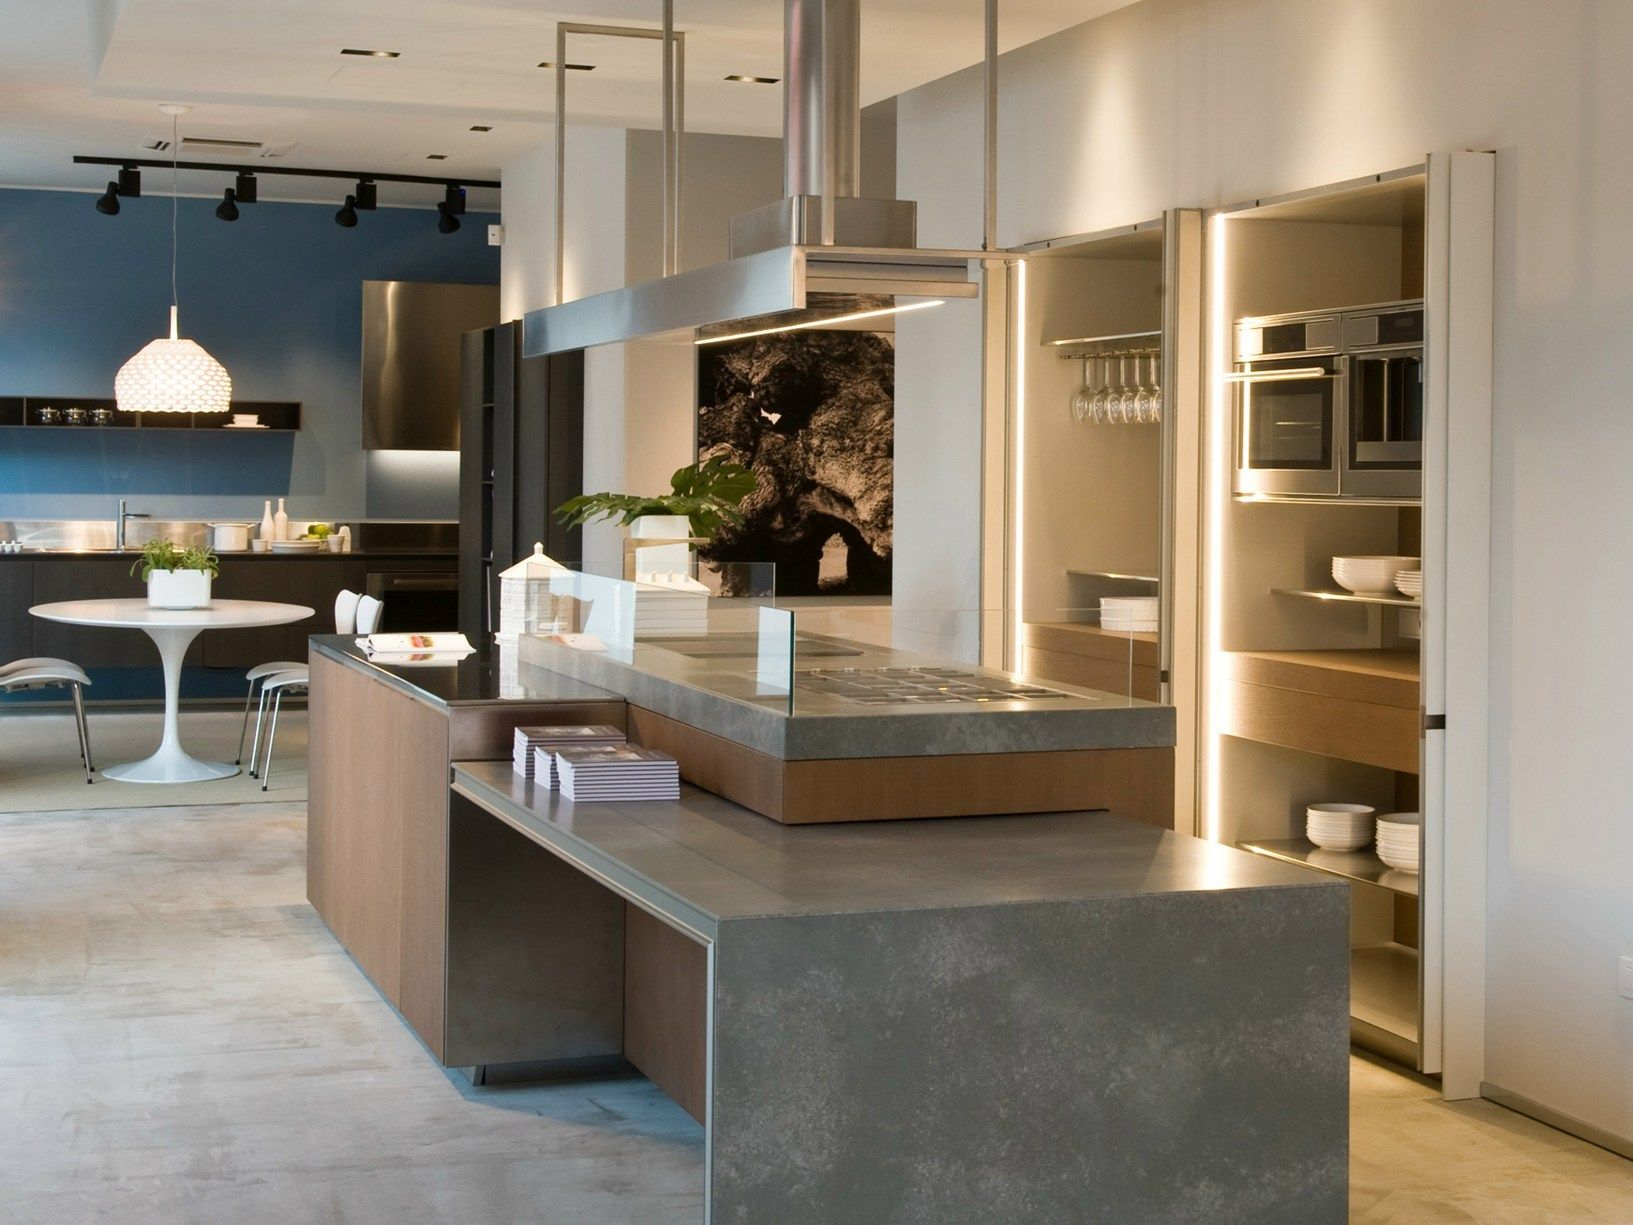 Ernestomeda inaugura il nuovo showroom di bari for Ernesto meda cucine